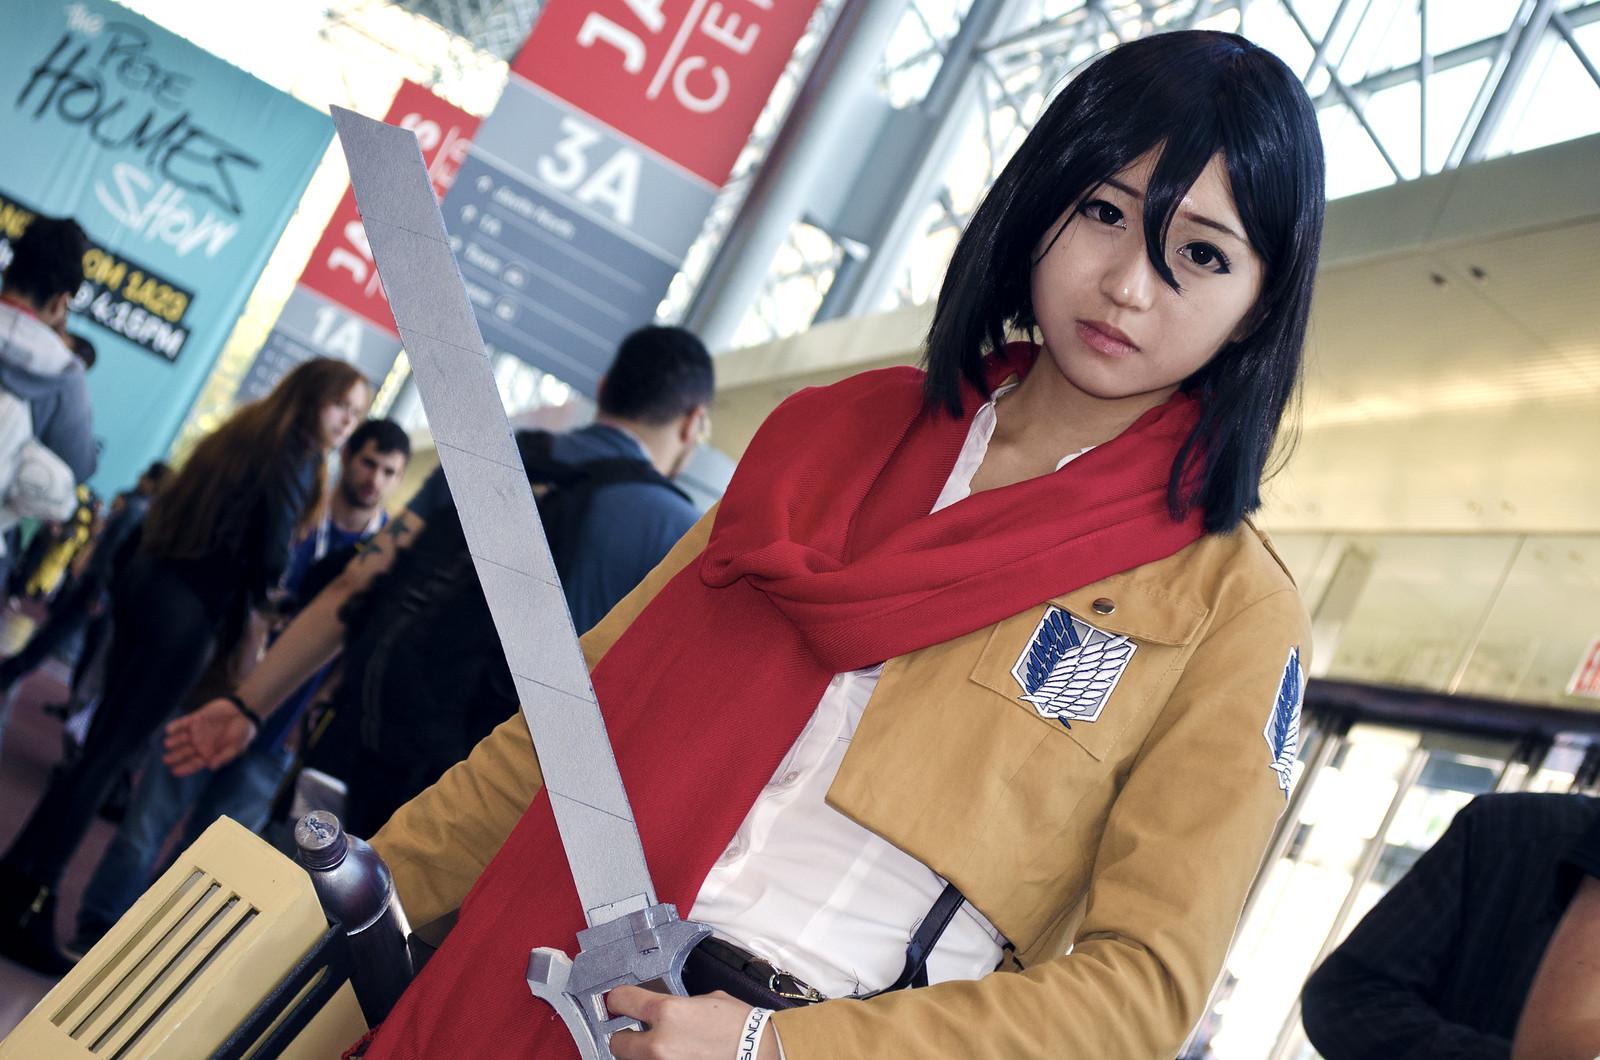 NYCC 2013 Mikasa Cosplay